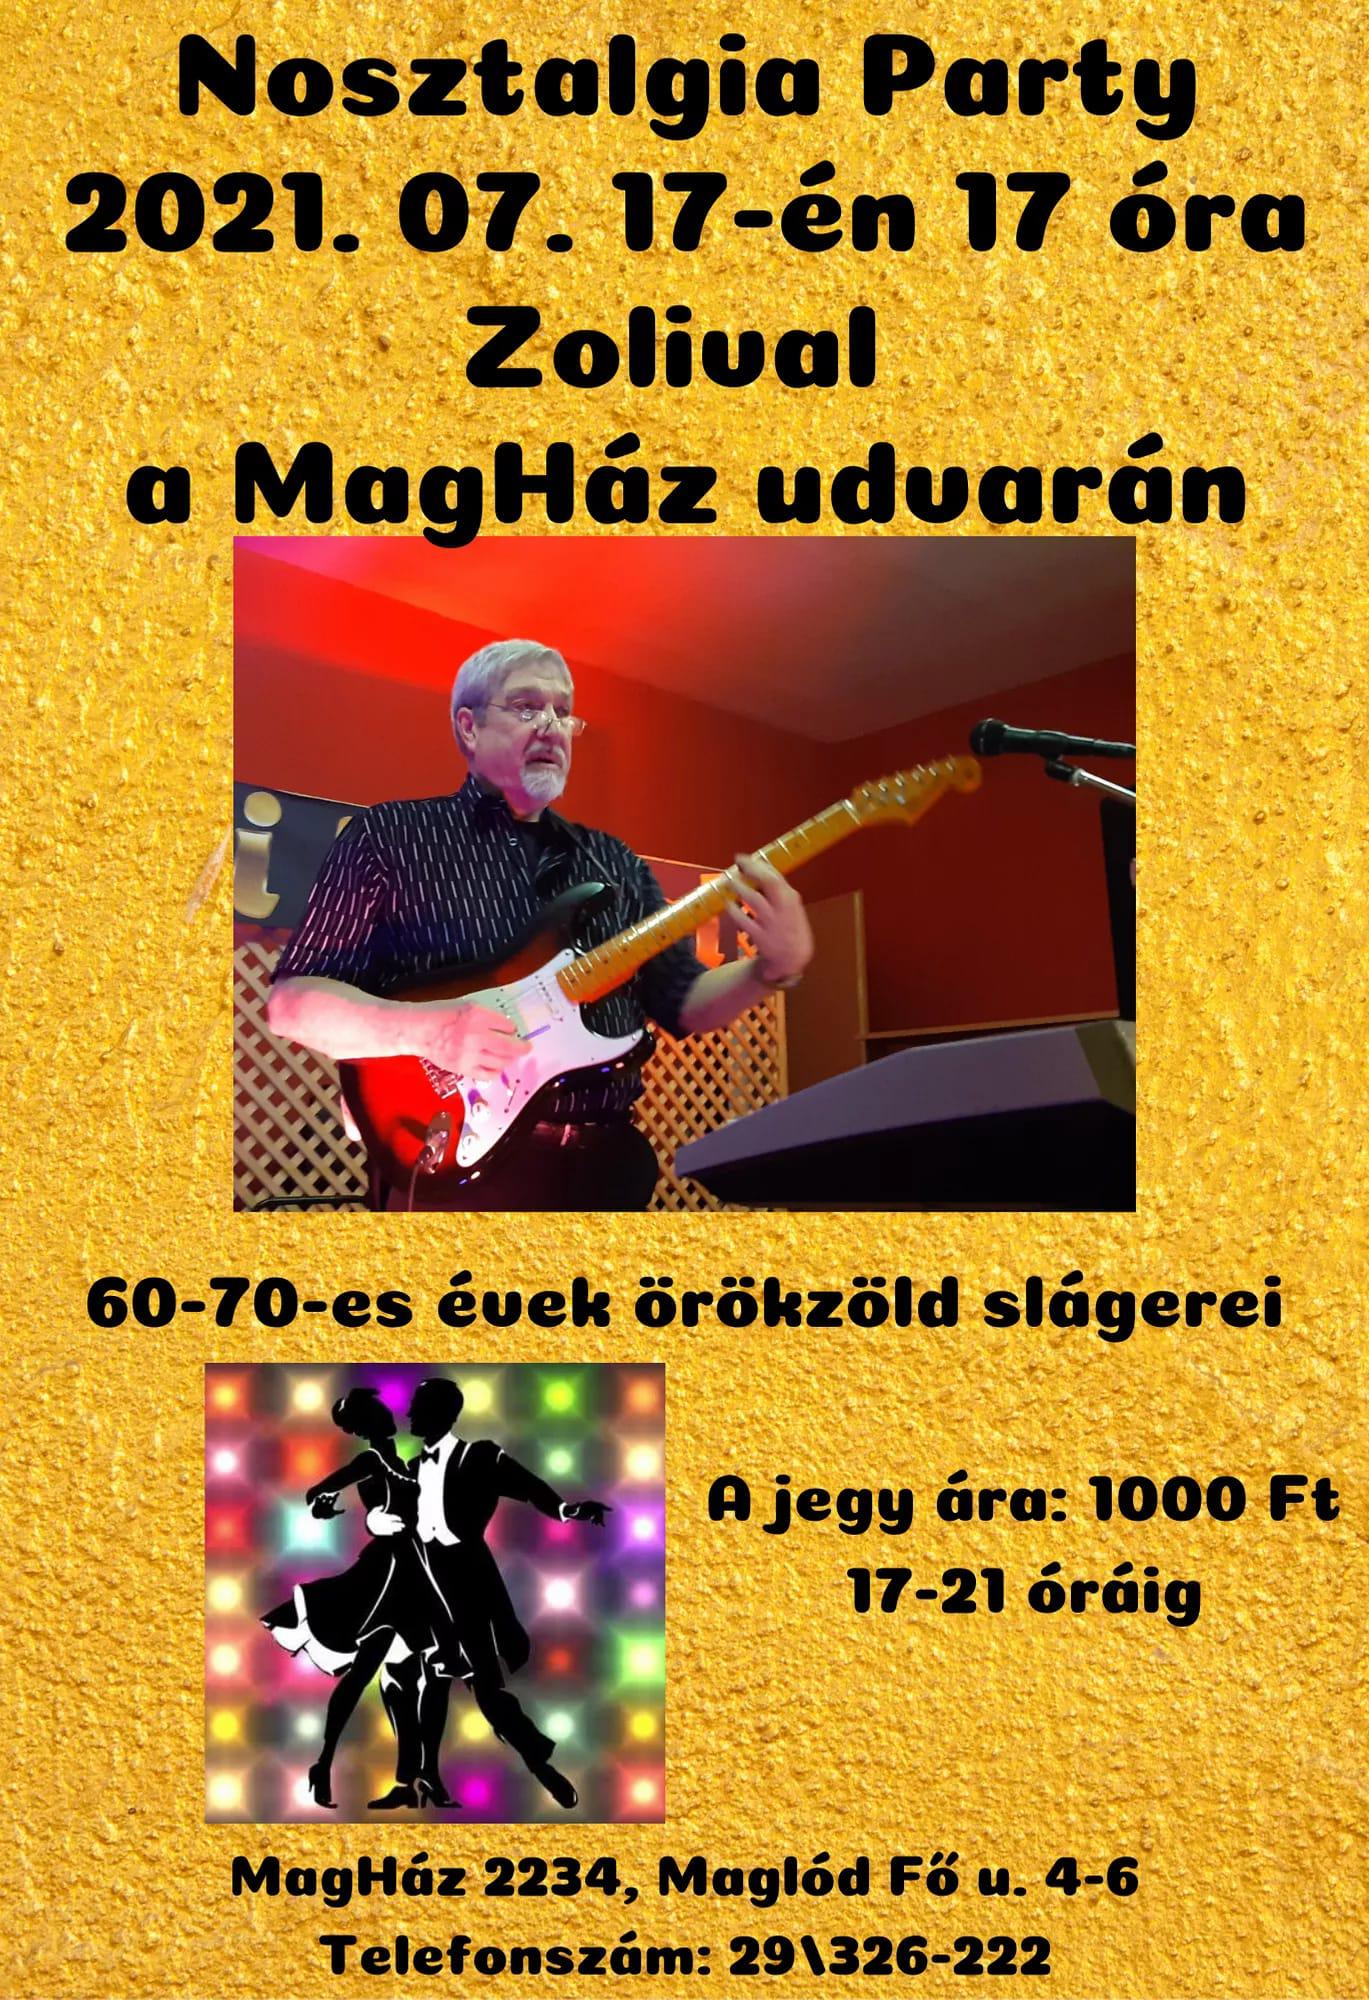 2021.07.17. Nosztalgia party Zolival